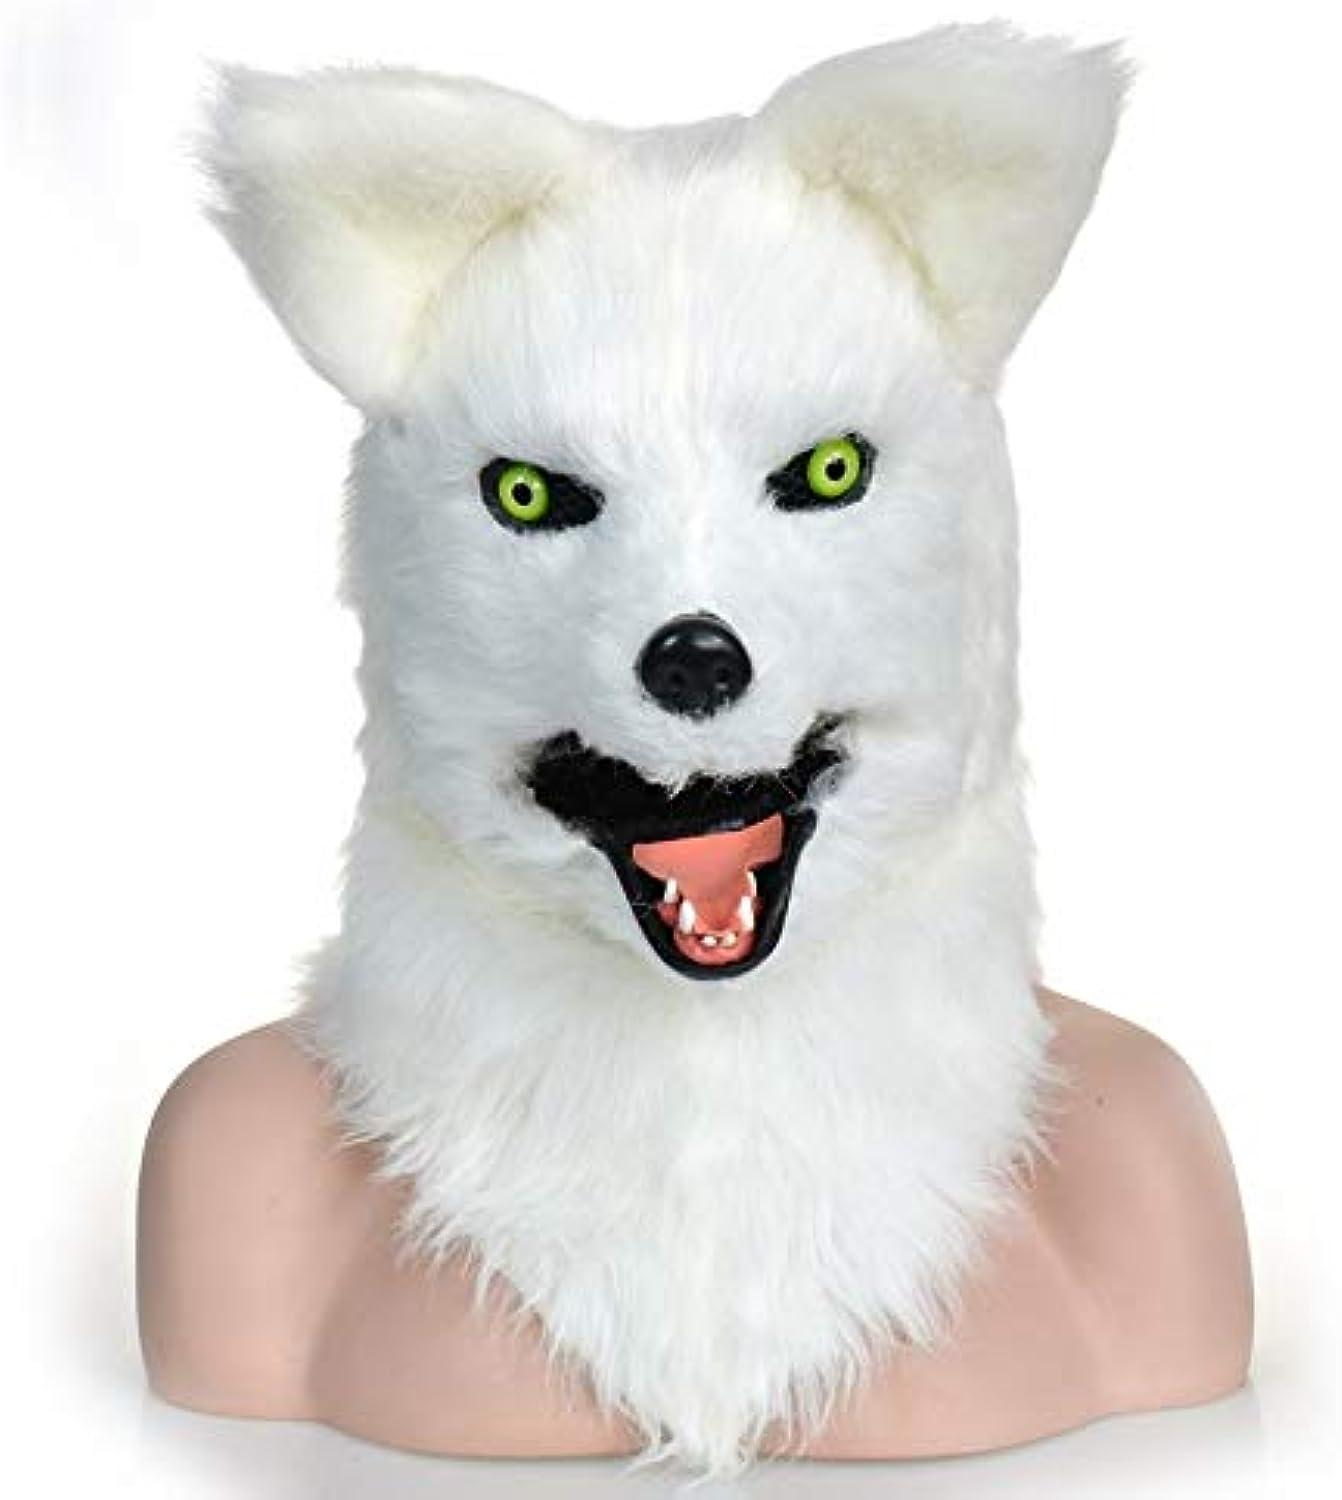 gran descuento XHD-másCocheas para Adultos MásCochea de Zorro Boca en Movimiento     másCochea Peluda Fiesta Animal de Halloween ( Color   blanco , Talla   2525 )  tienda